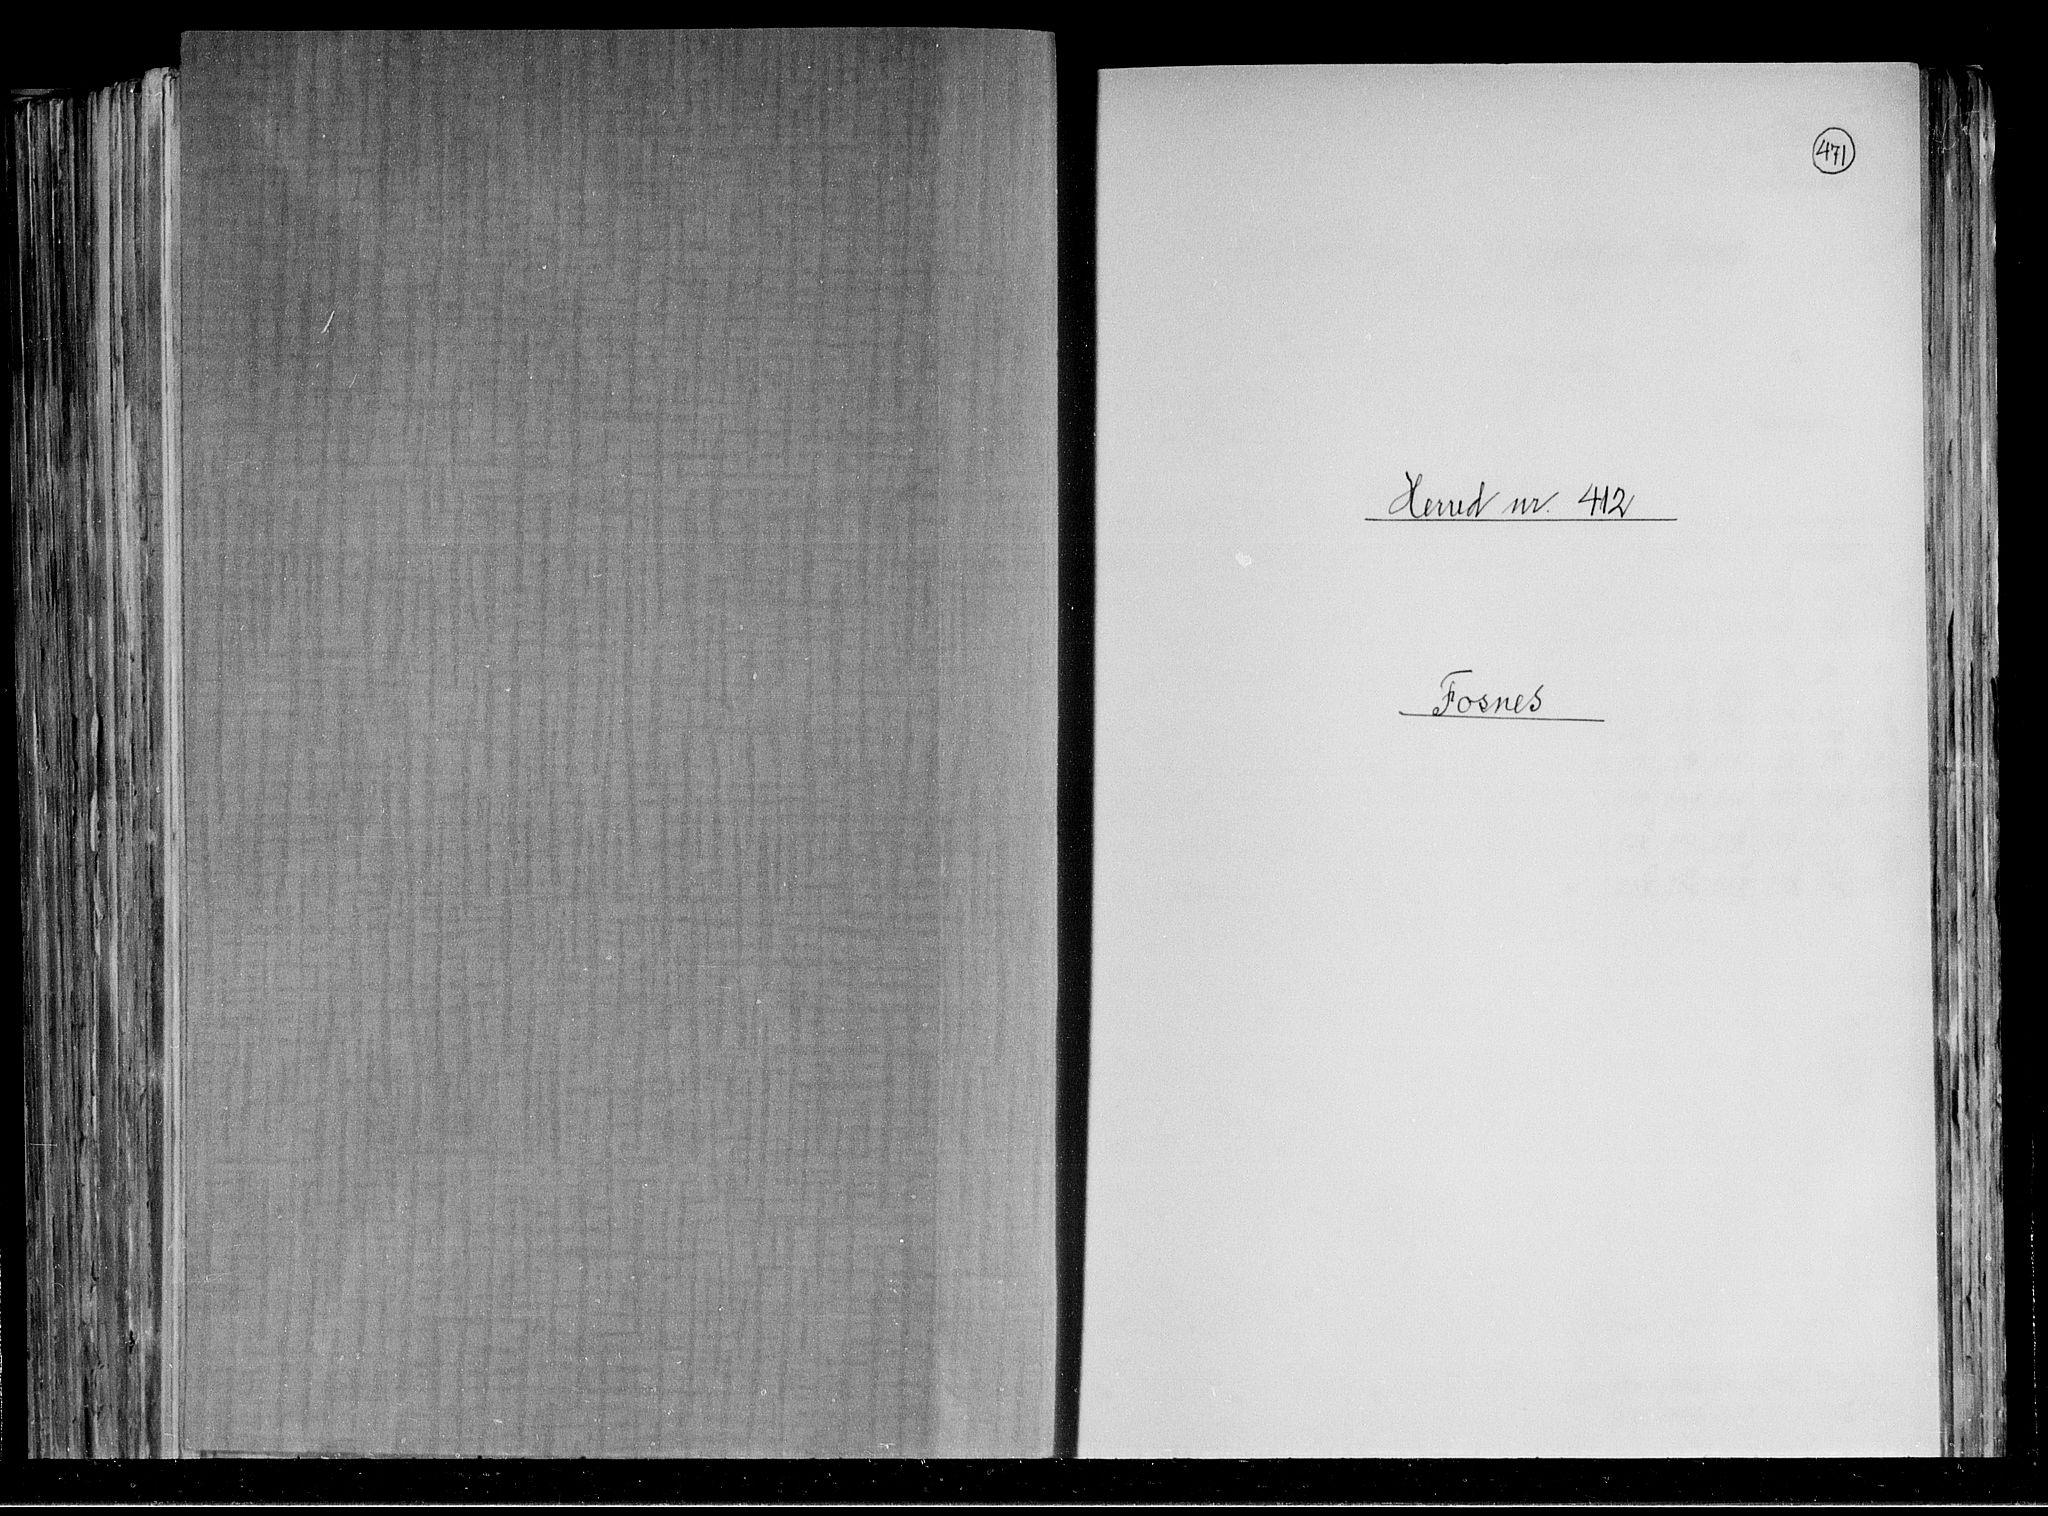 RA, Folketelling 1891 for 1748 Fosnes herred, 1891, s. 1